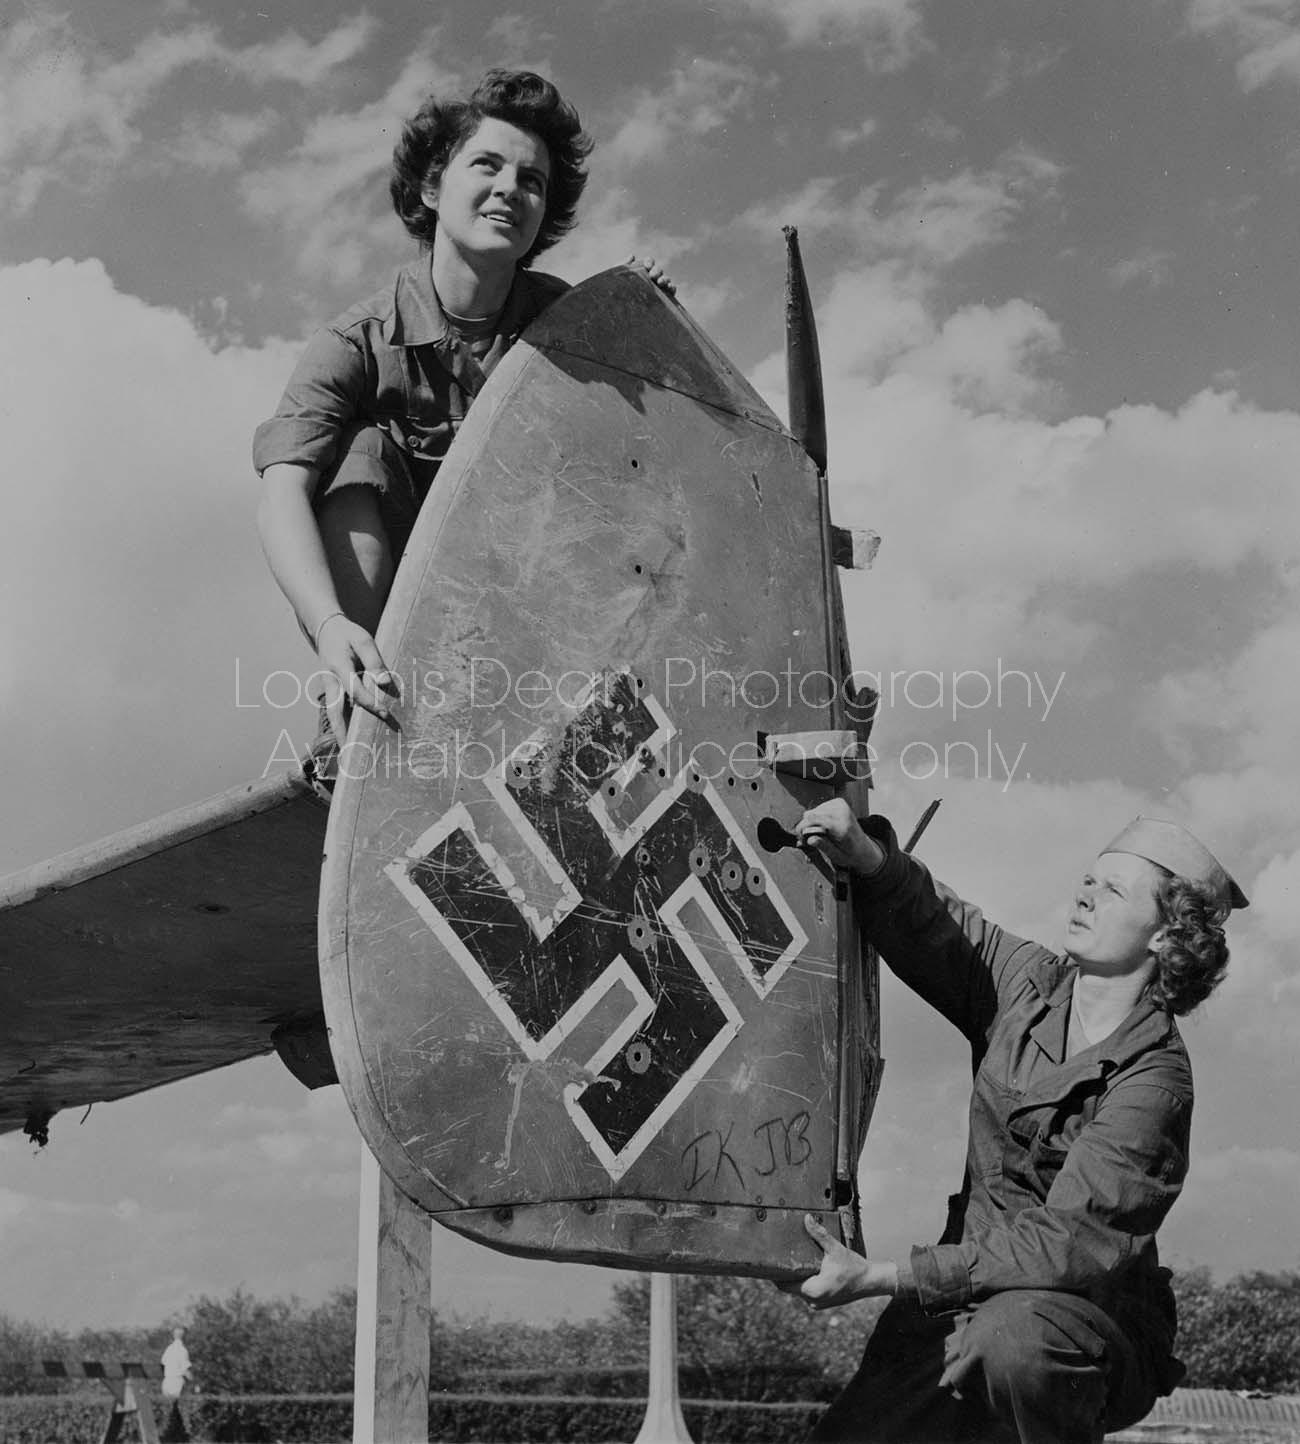 WWII NAZI TROPHY106